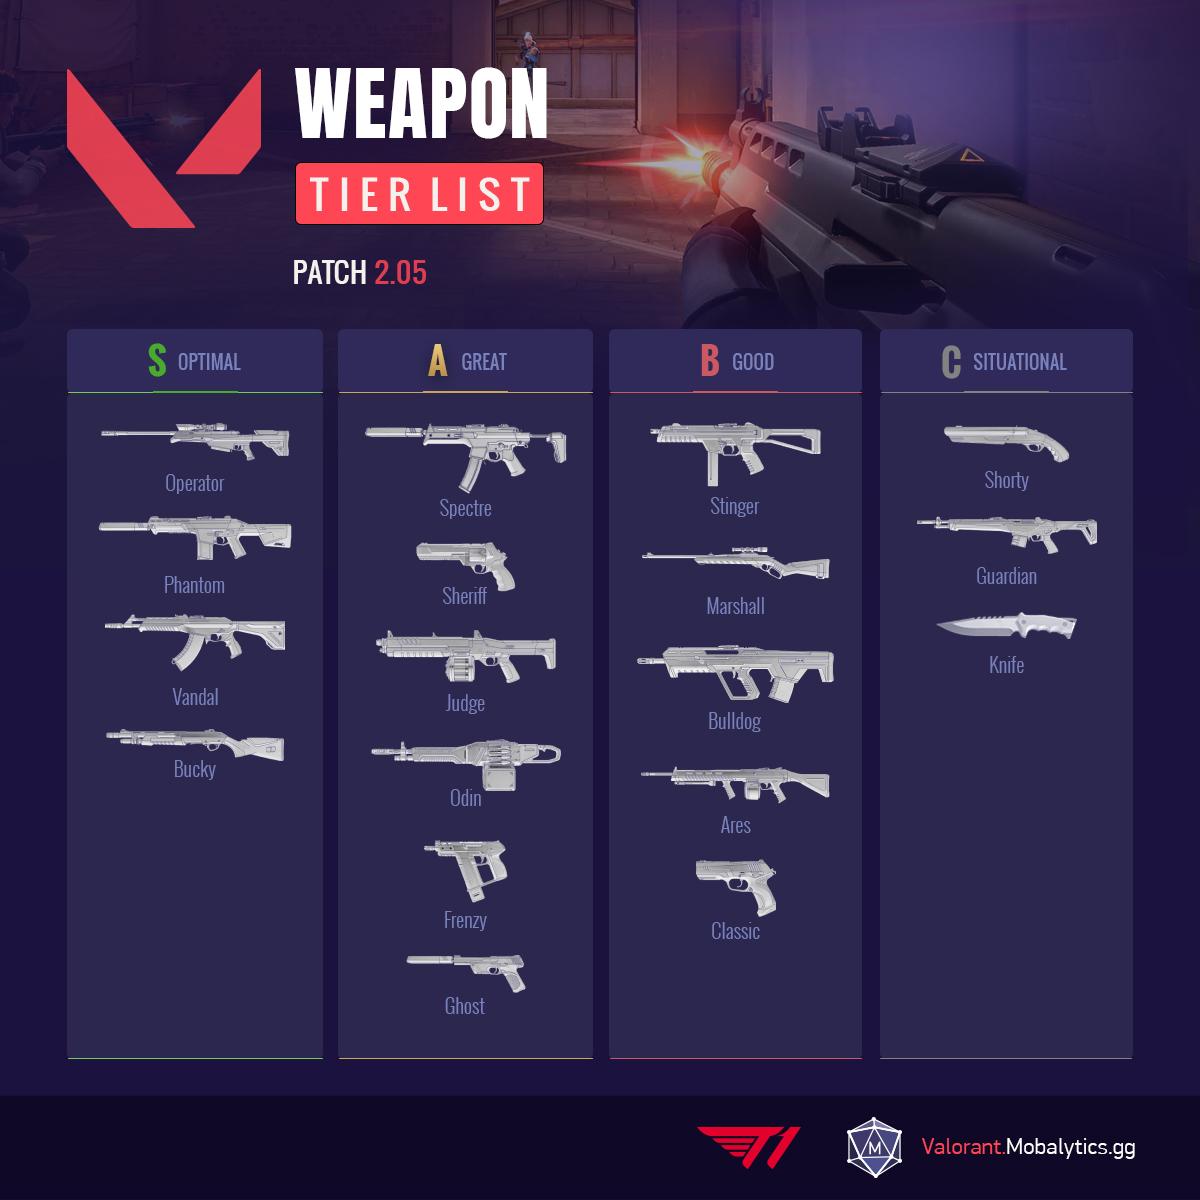 Valorant Weapon Tier List Patch 2.05